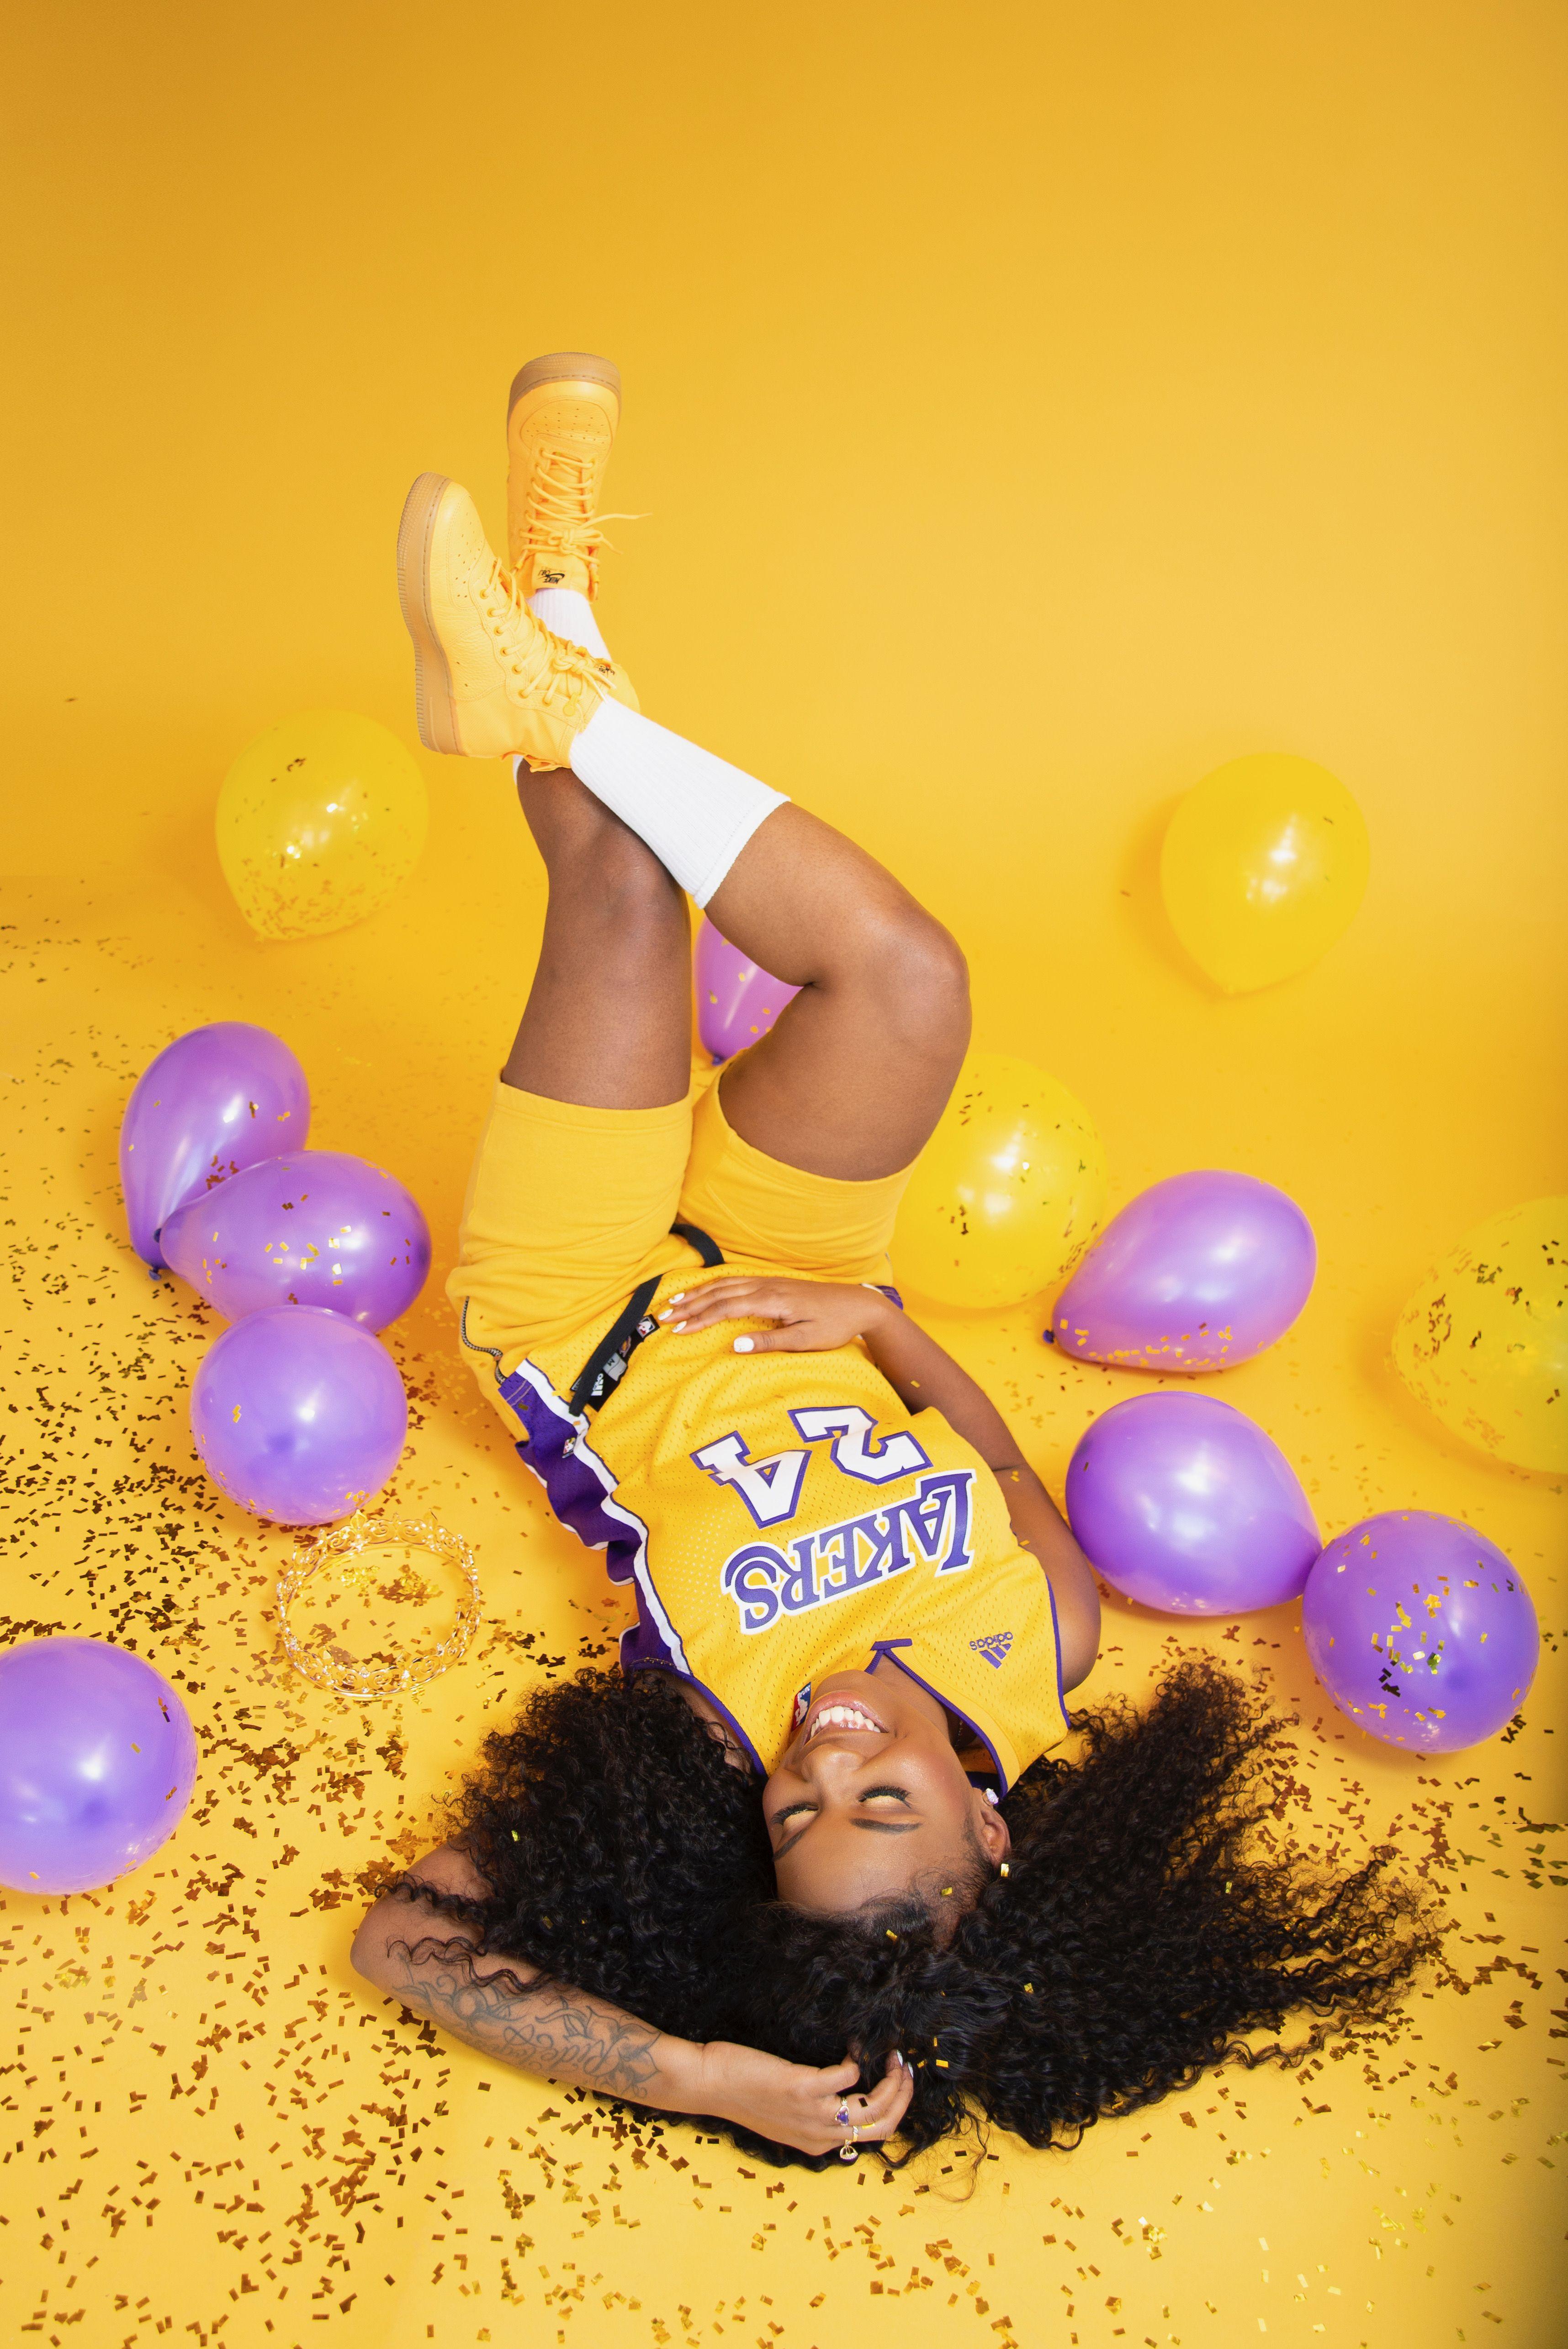 Lakers Kobebryant Birthday Photoshoot Photoshoot Themes 21st Birthday Photoshoot #birthday photoshoot #lockdown birthdays #29 #happy birthday #happy birthday to me. pinterest